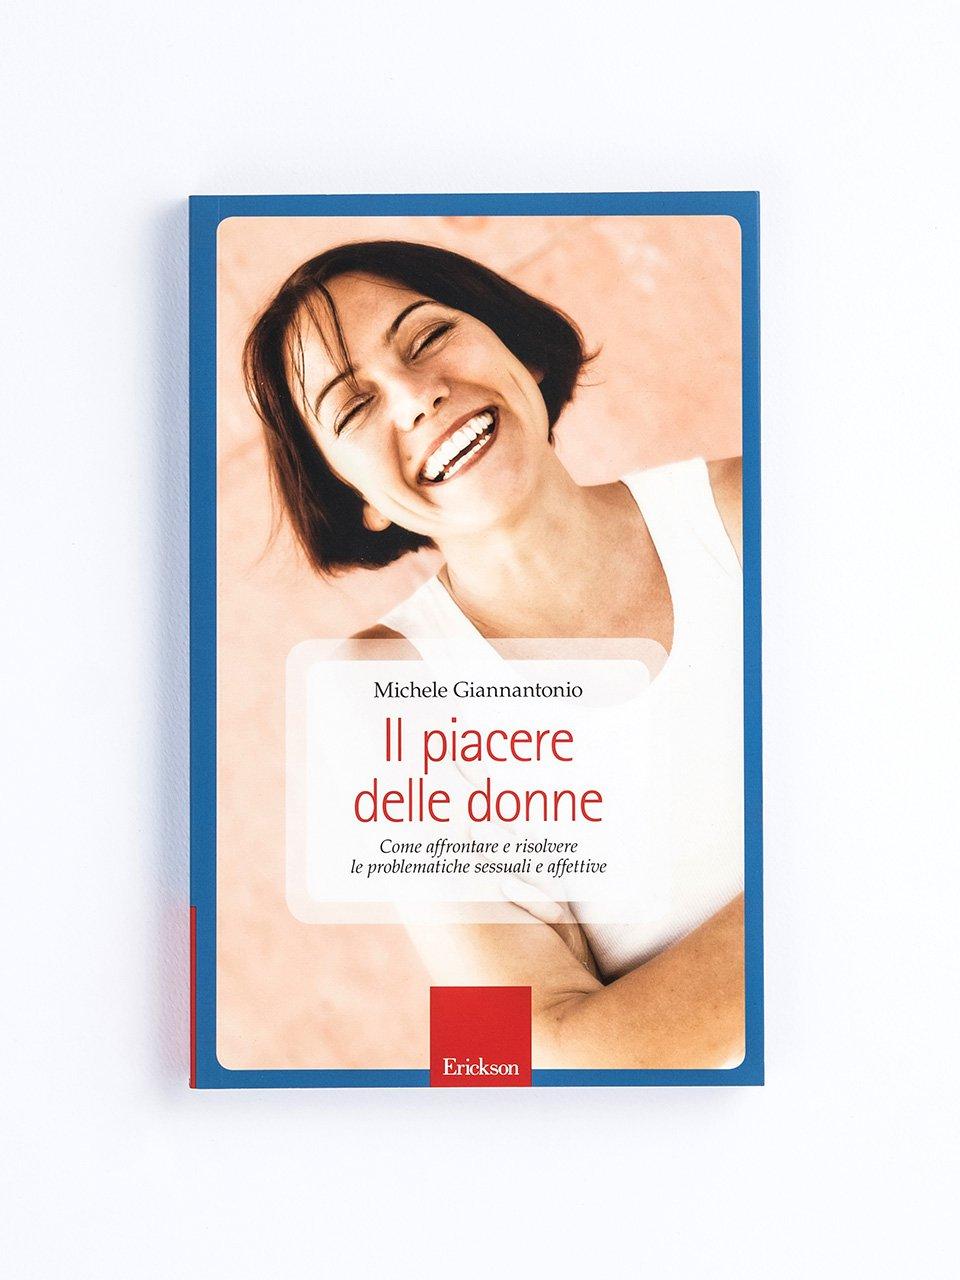 Il piacere delle donne - Il disturbo da accumulo e la sua valutazione - Libri - Erickson